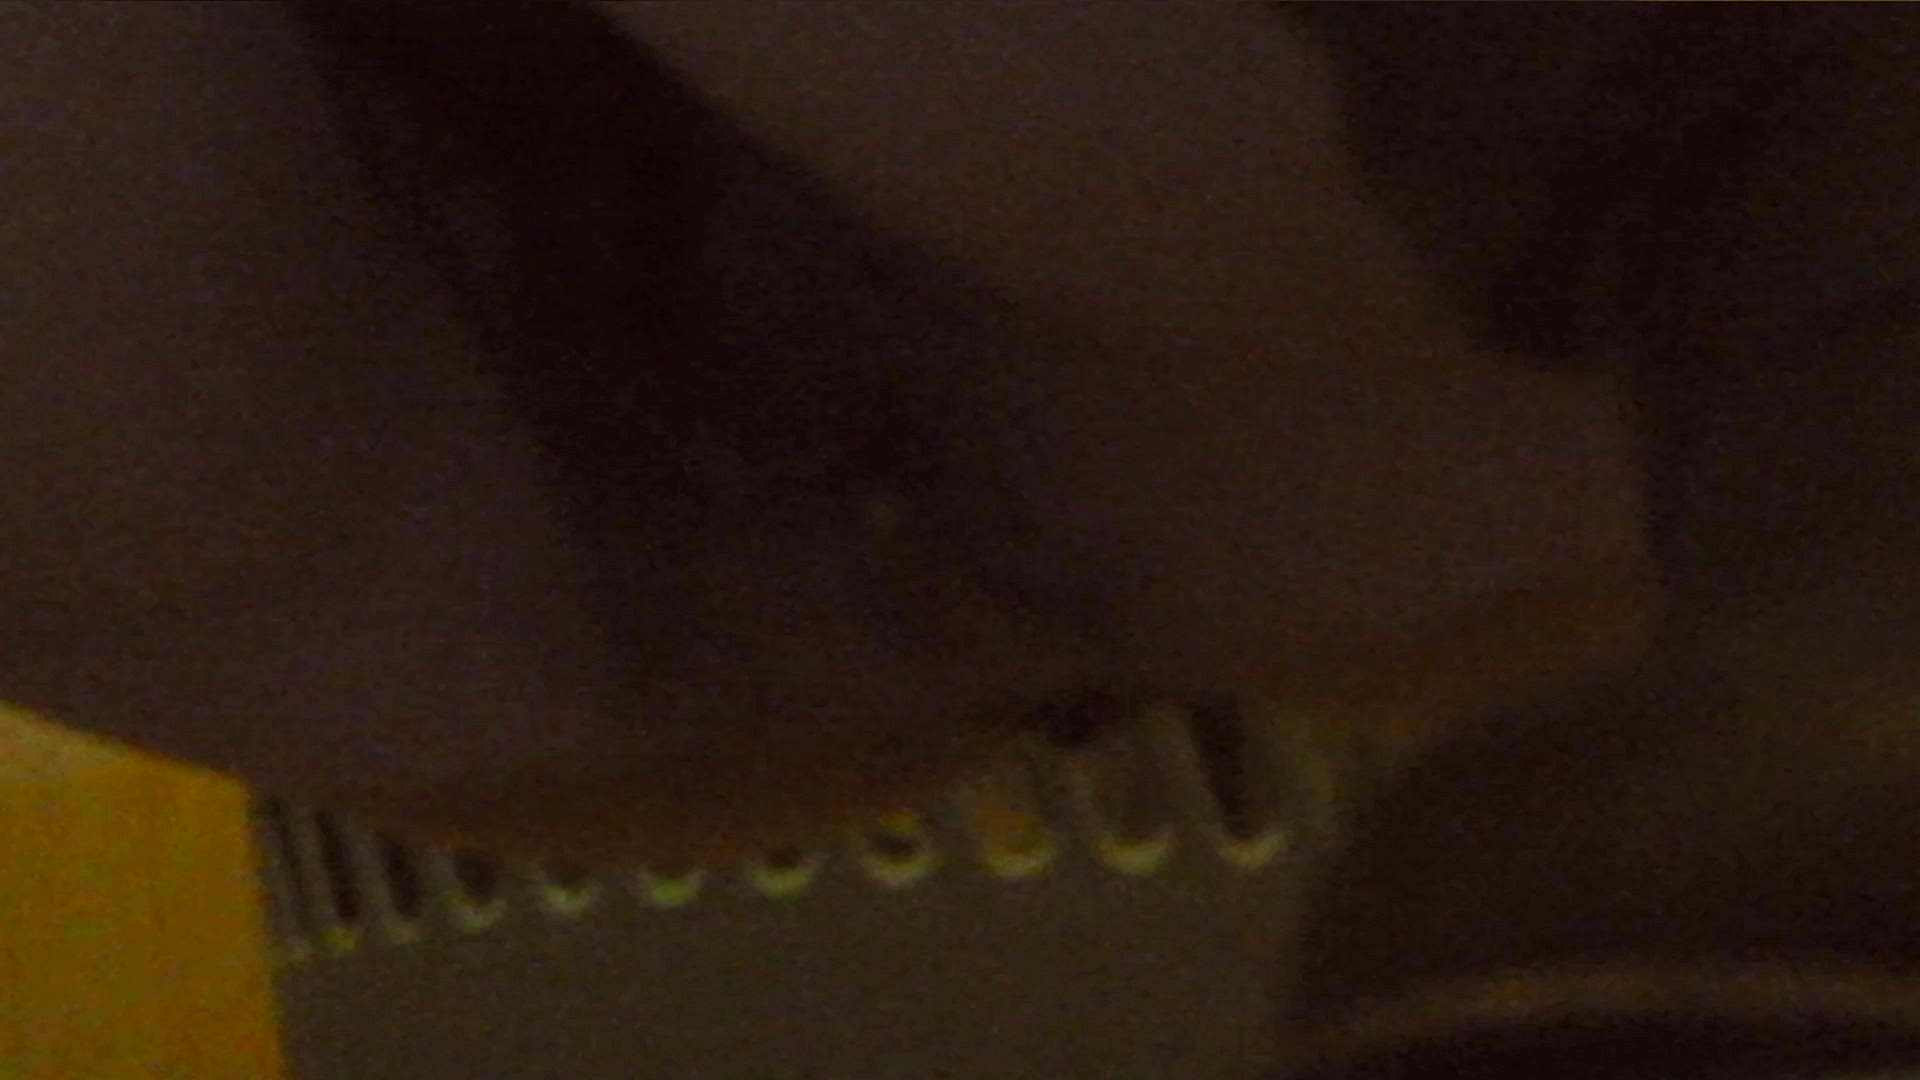 阿国ちゃんの「和式洋式七変化」No.1 和式便所 スケベ動画紹介 89枚 49